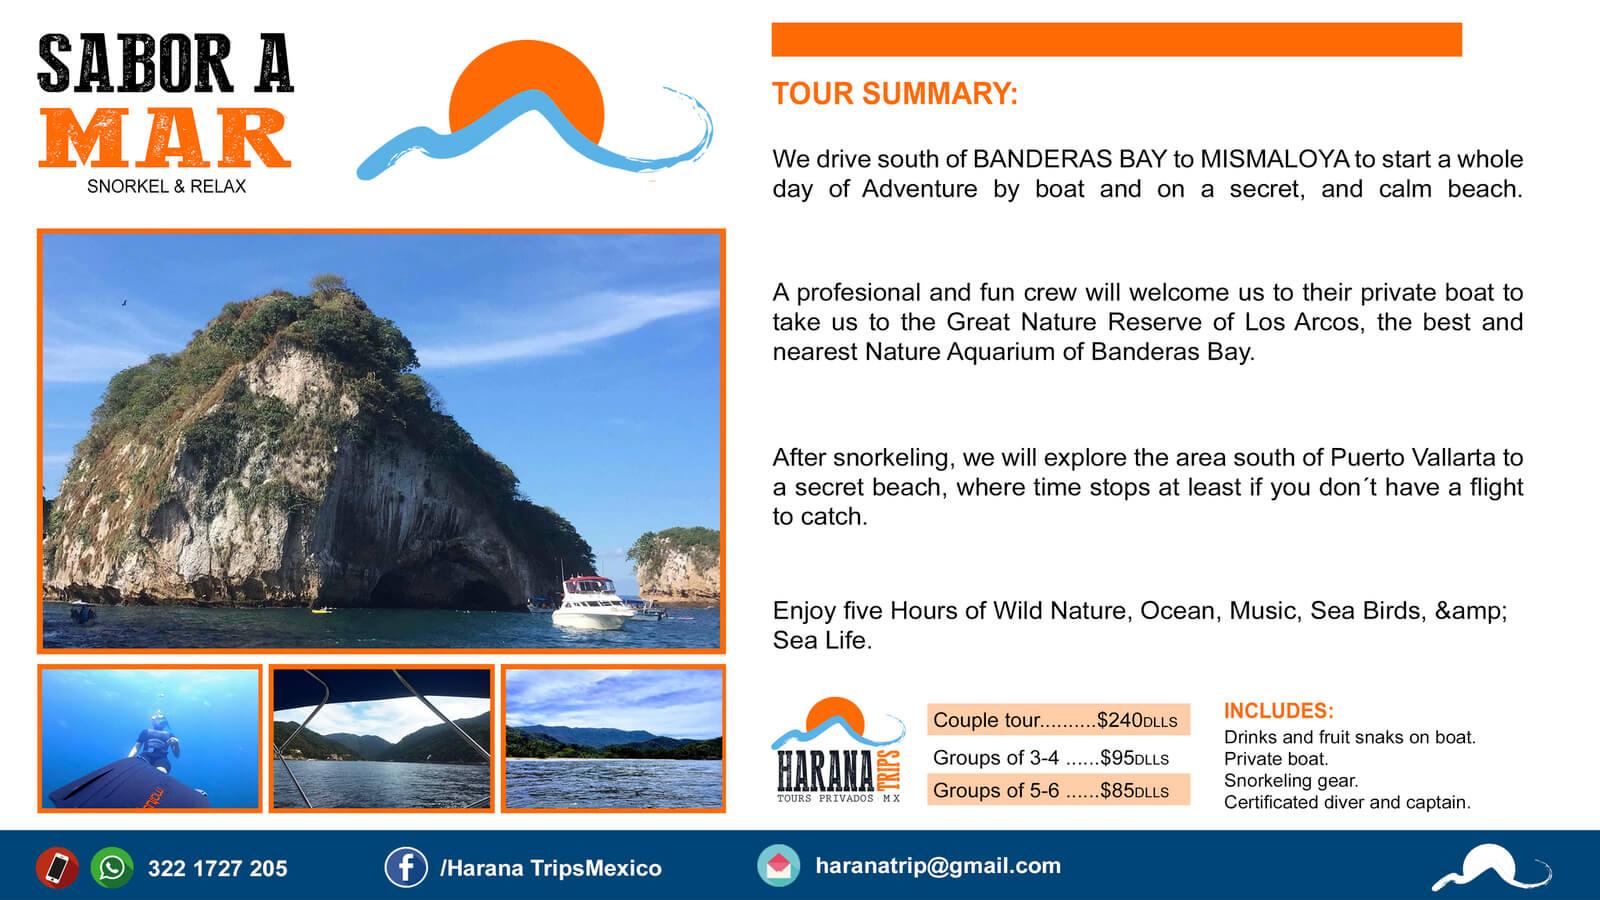 Savor a Mar tour summary